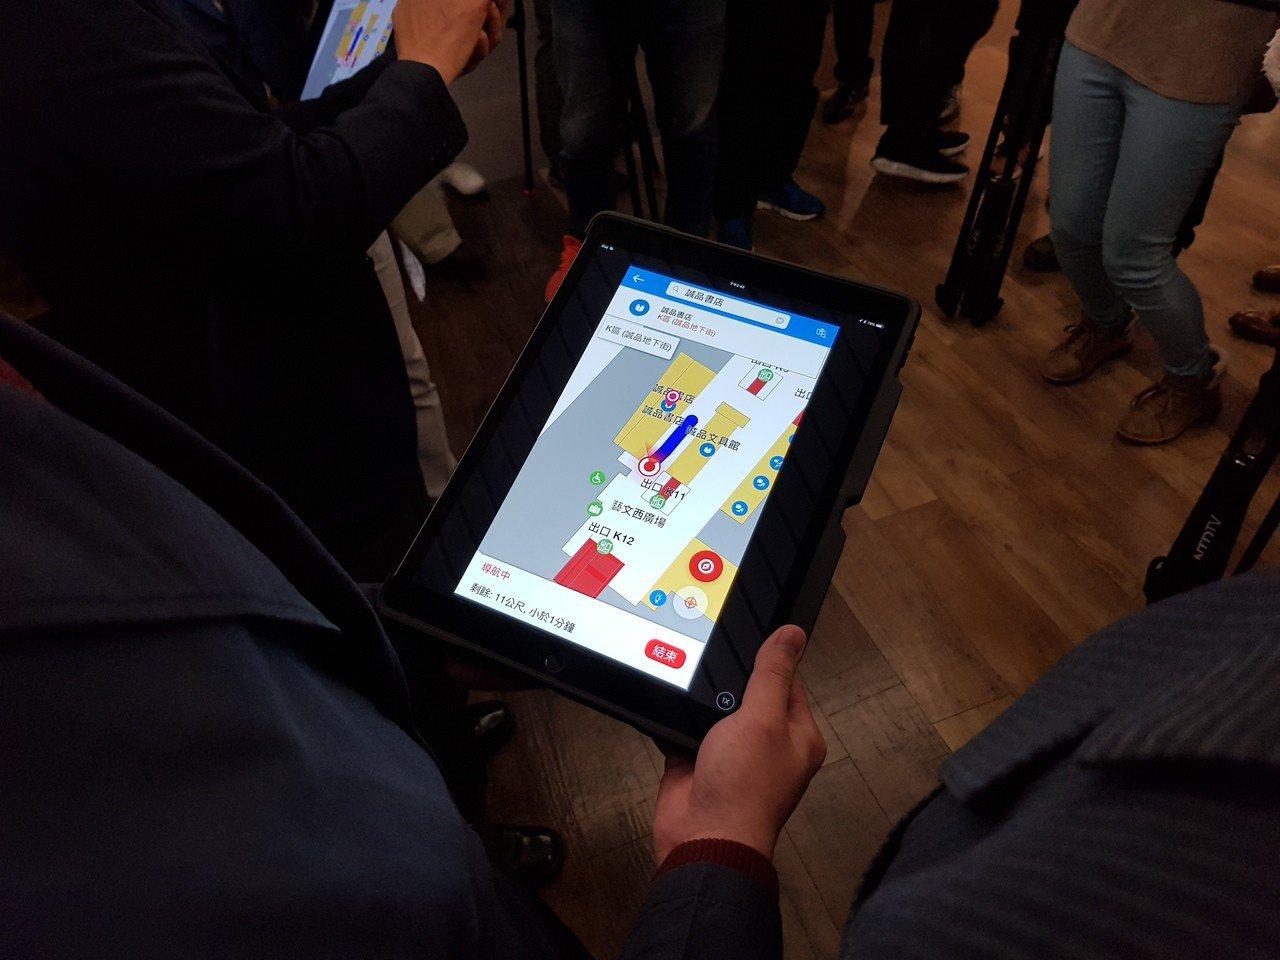 「台北車站通」室內導航App利用藍牙技術,來定位用戶位置。 記者翁浩然/攝影